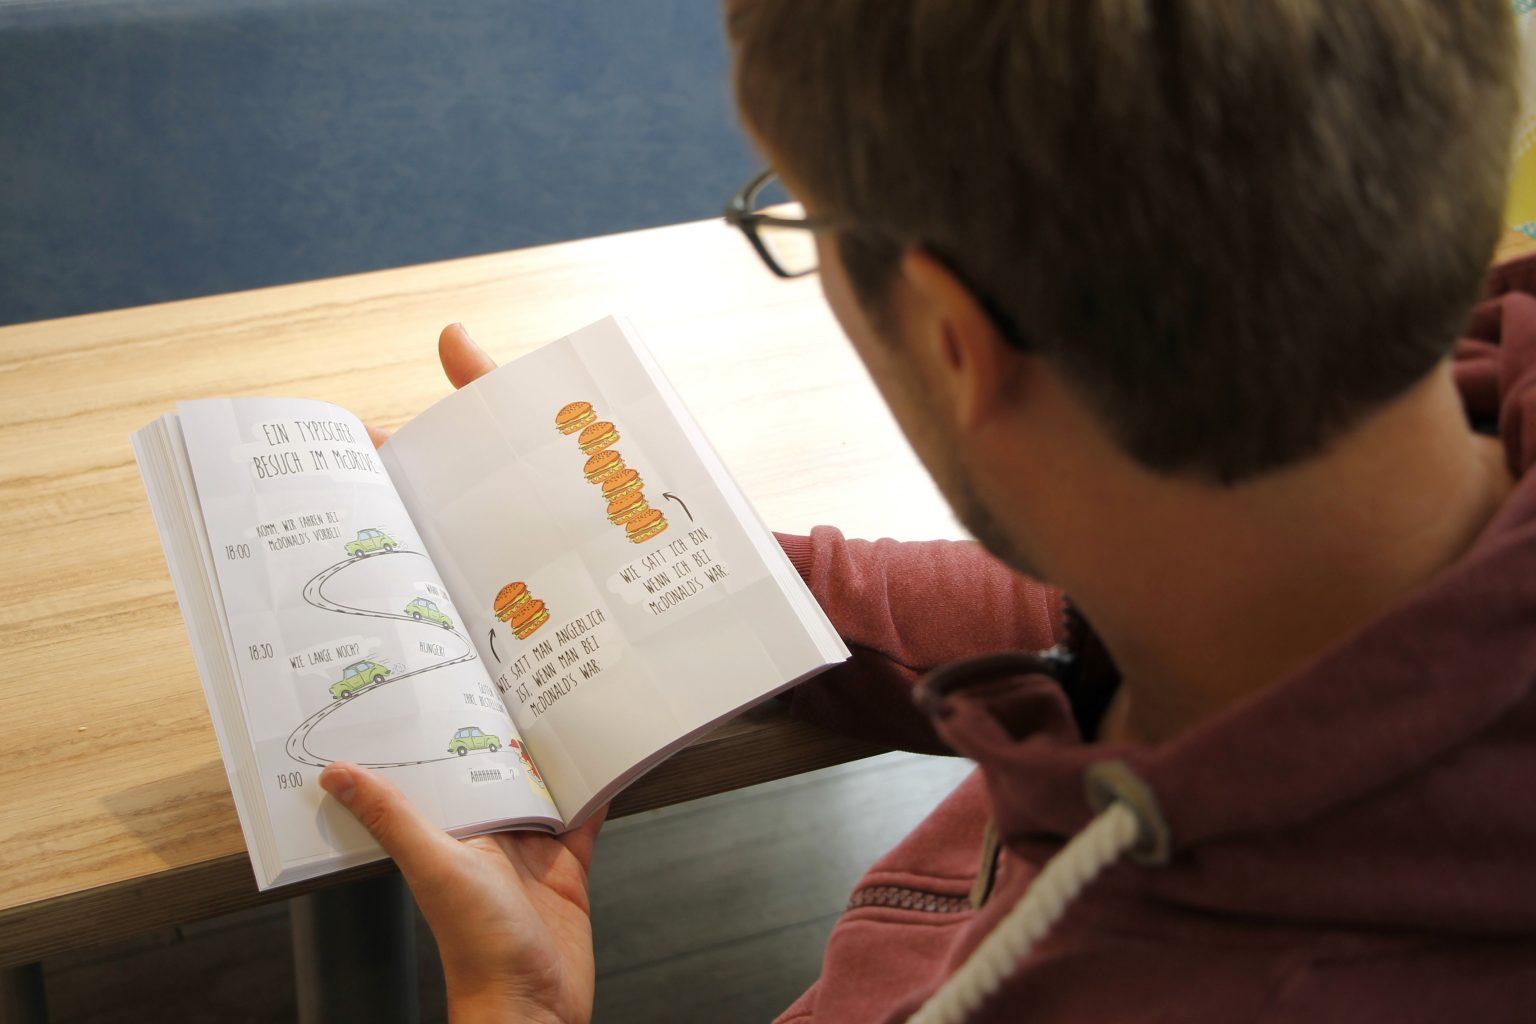 McBook Buch über McDonalds